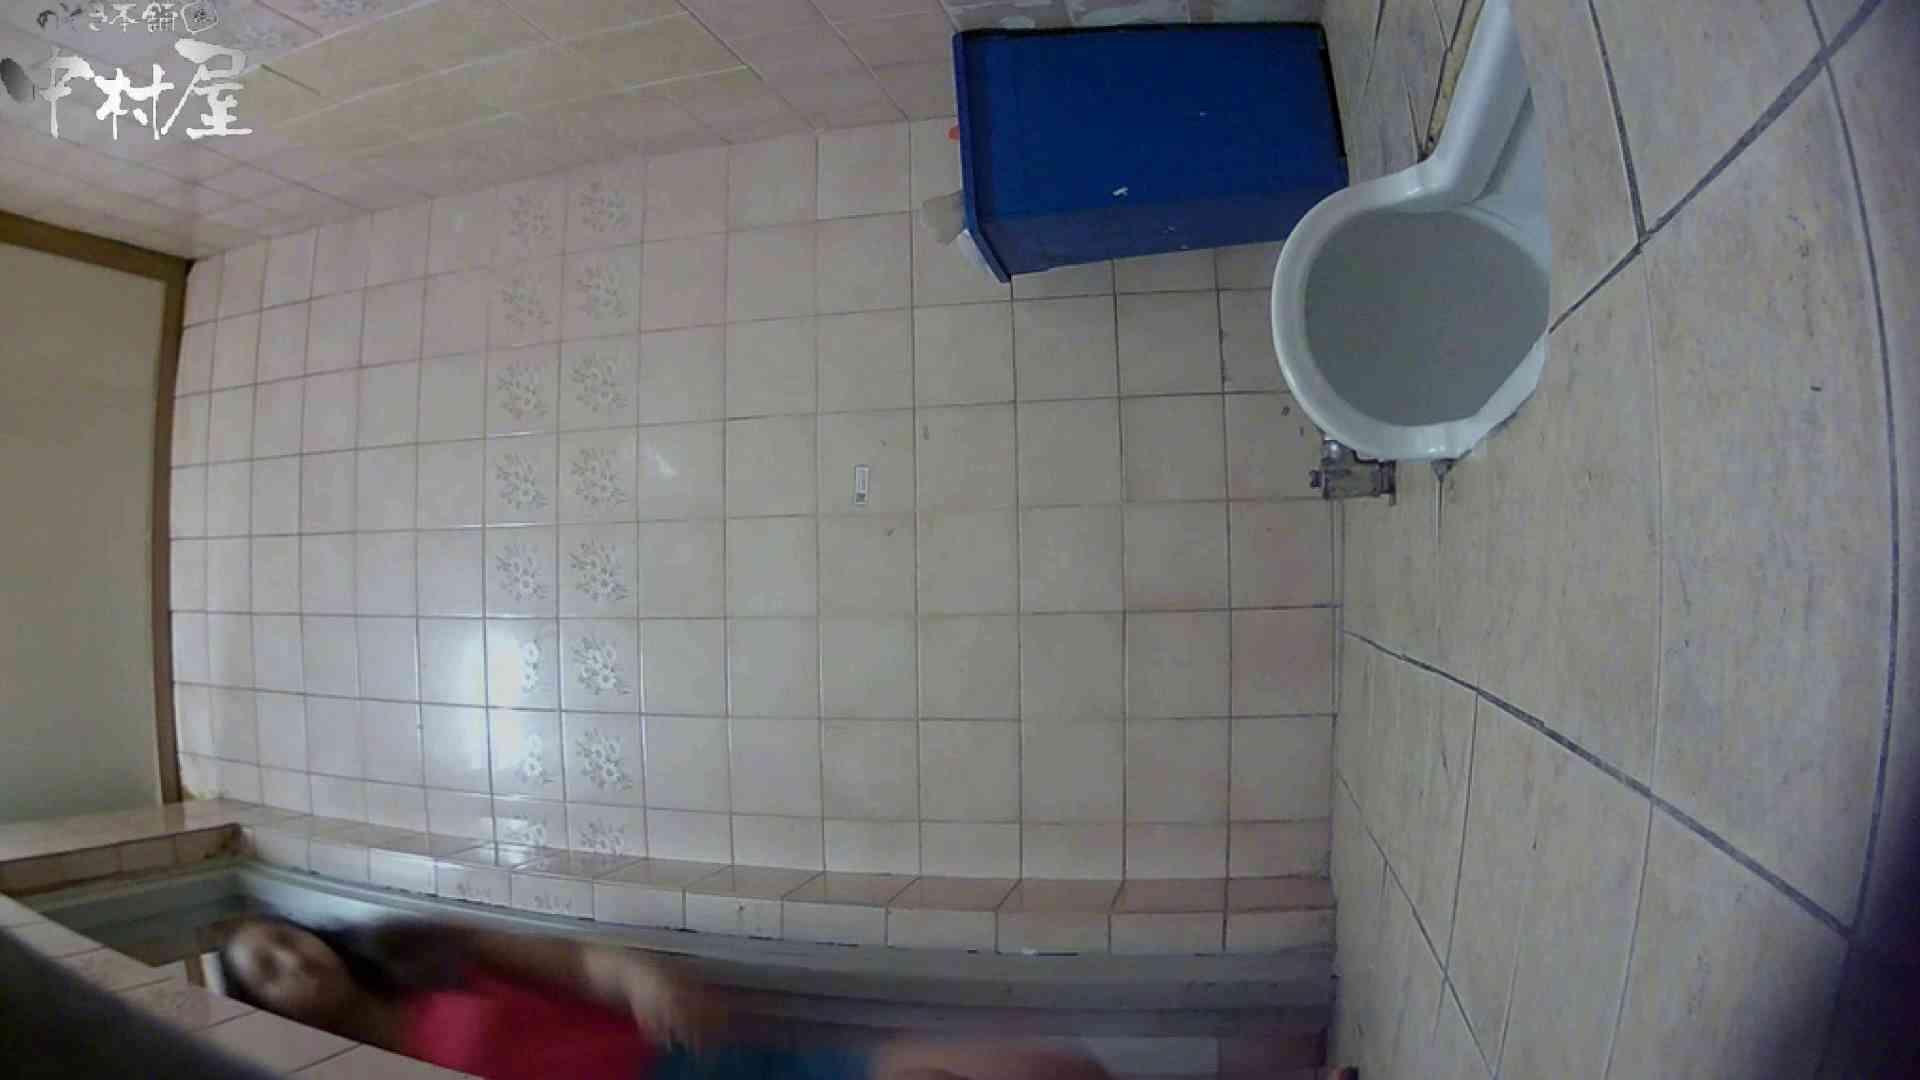 韓流トイレ盗撮vol.19 OLのプライベート | 韓流  12pic 1